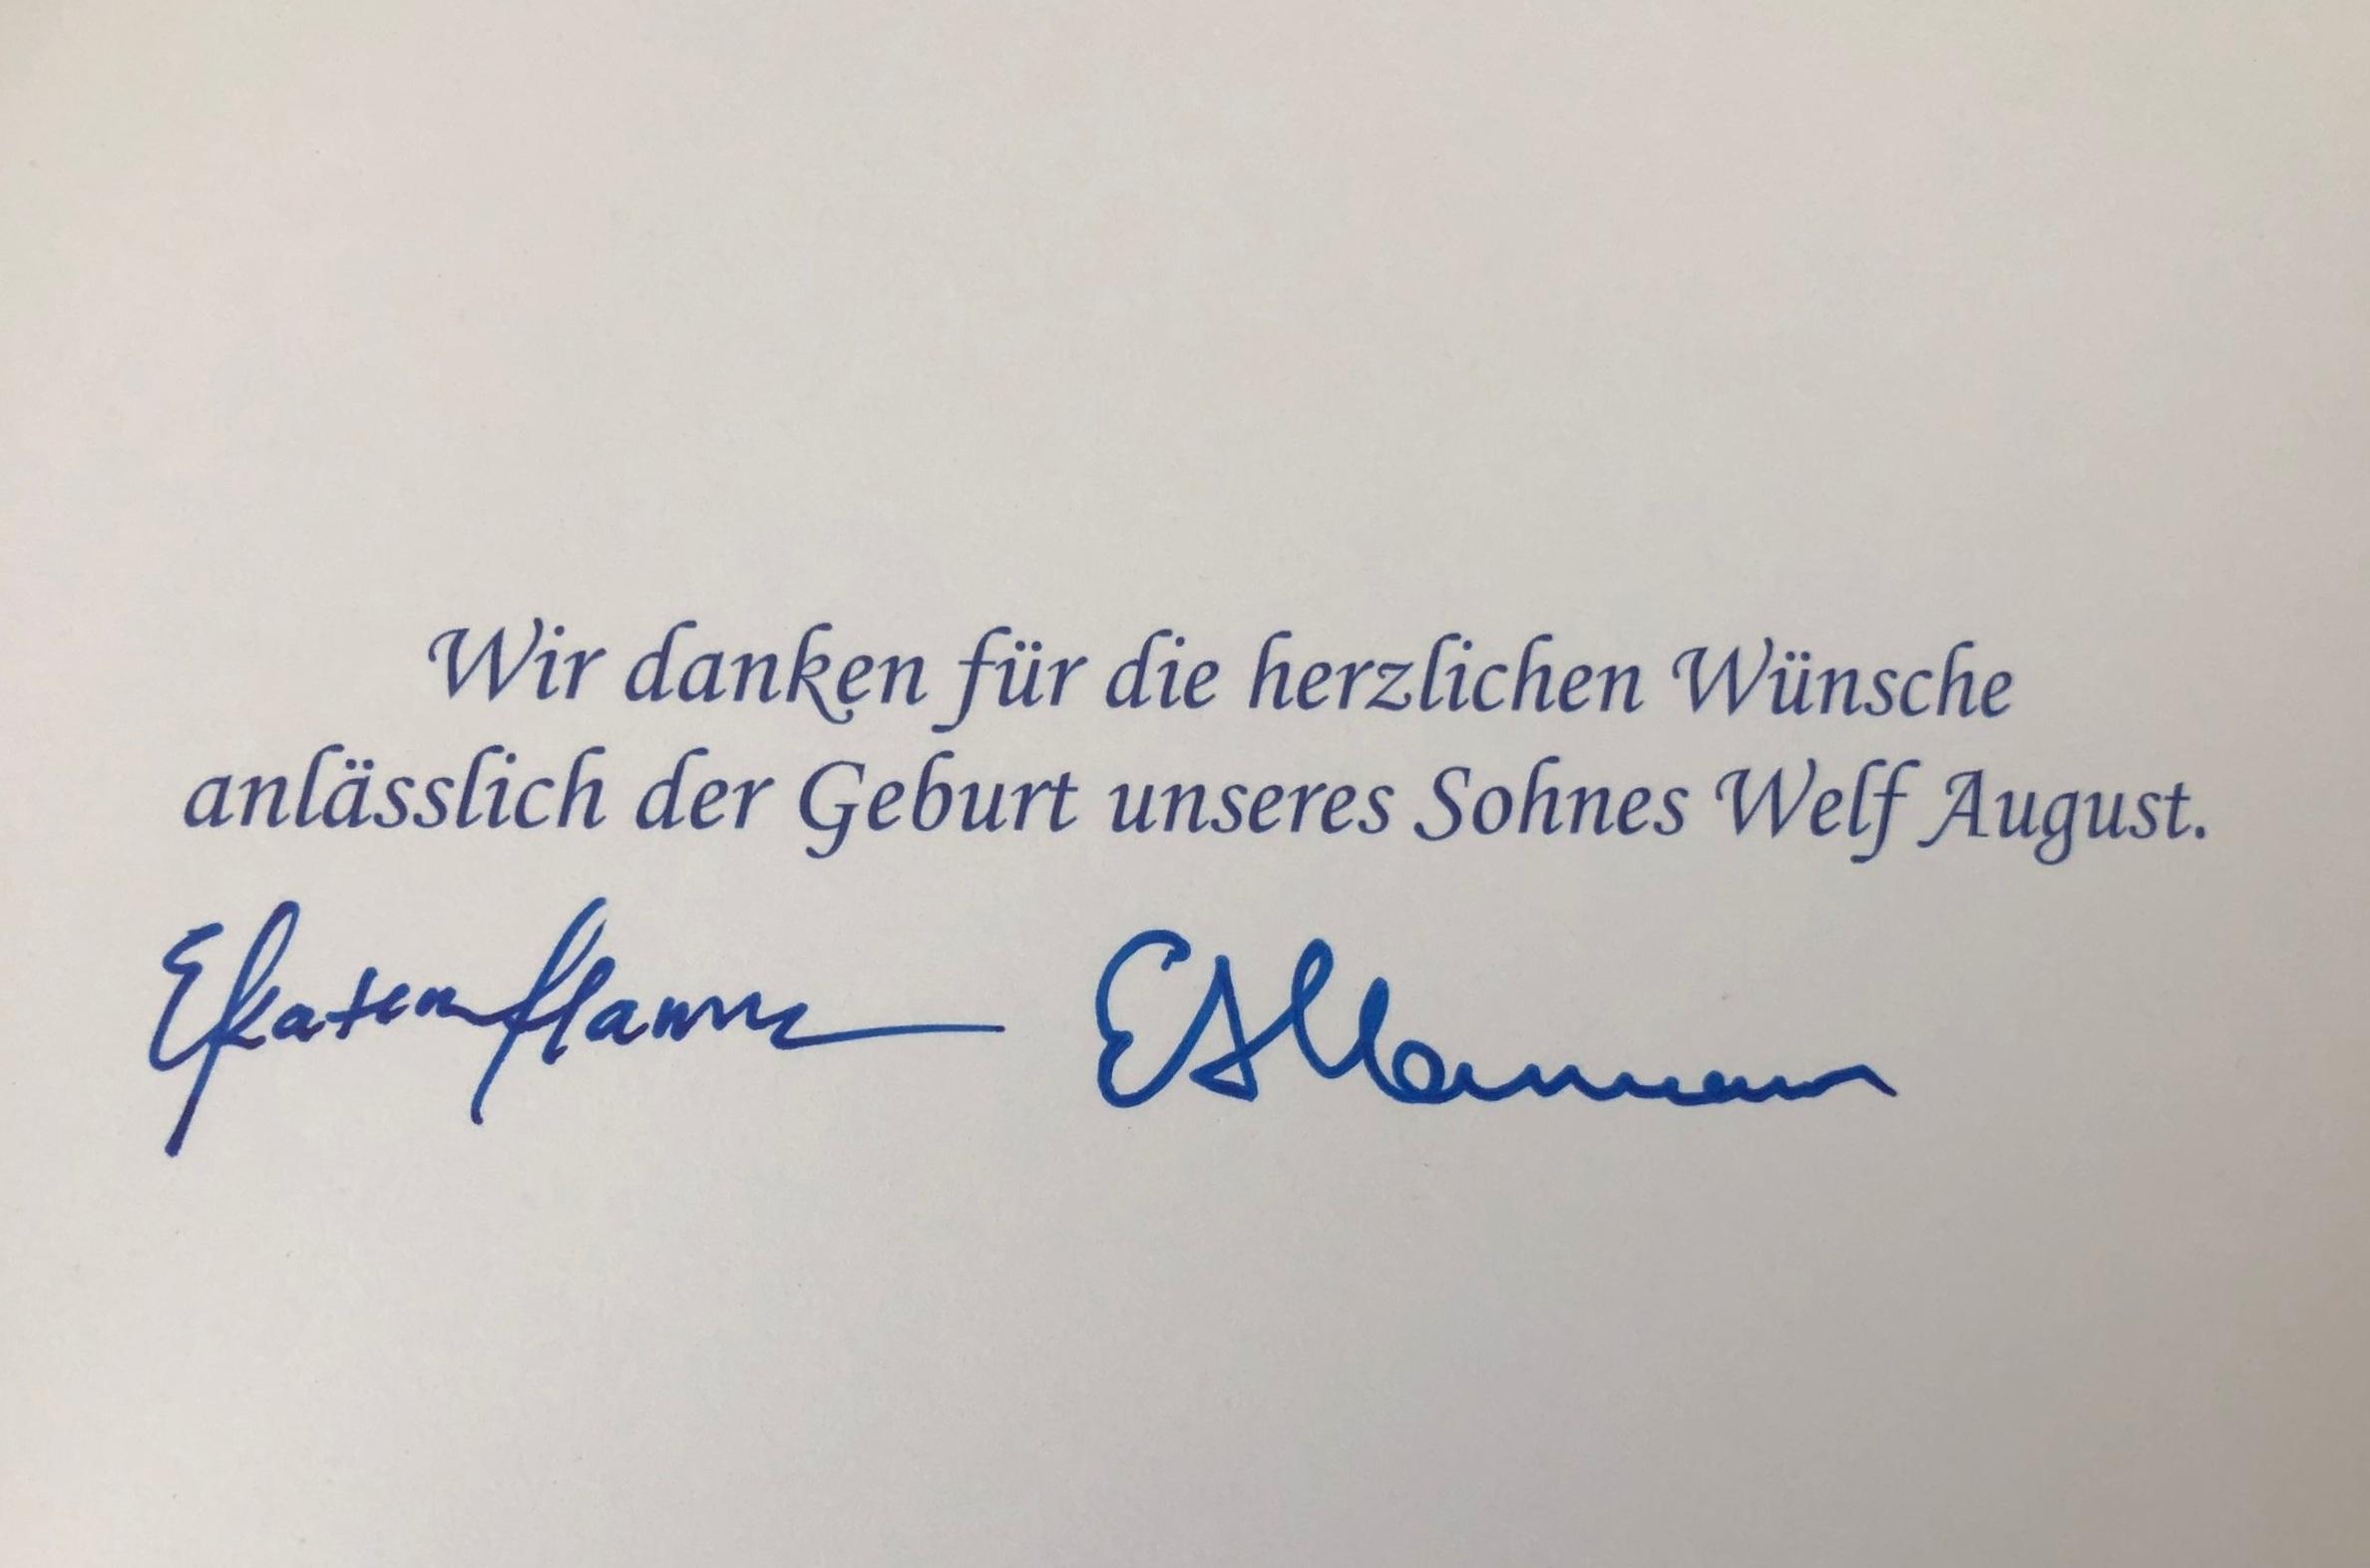 Prinzessin Ekaterina und Prinz Ernst August unterschrieben die Dankeskarte persönlich.  ©ADELSWELT